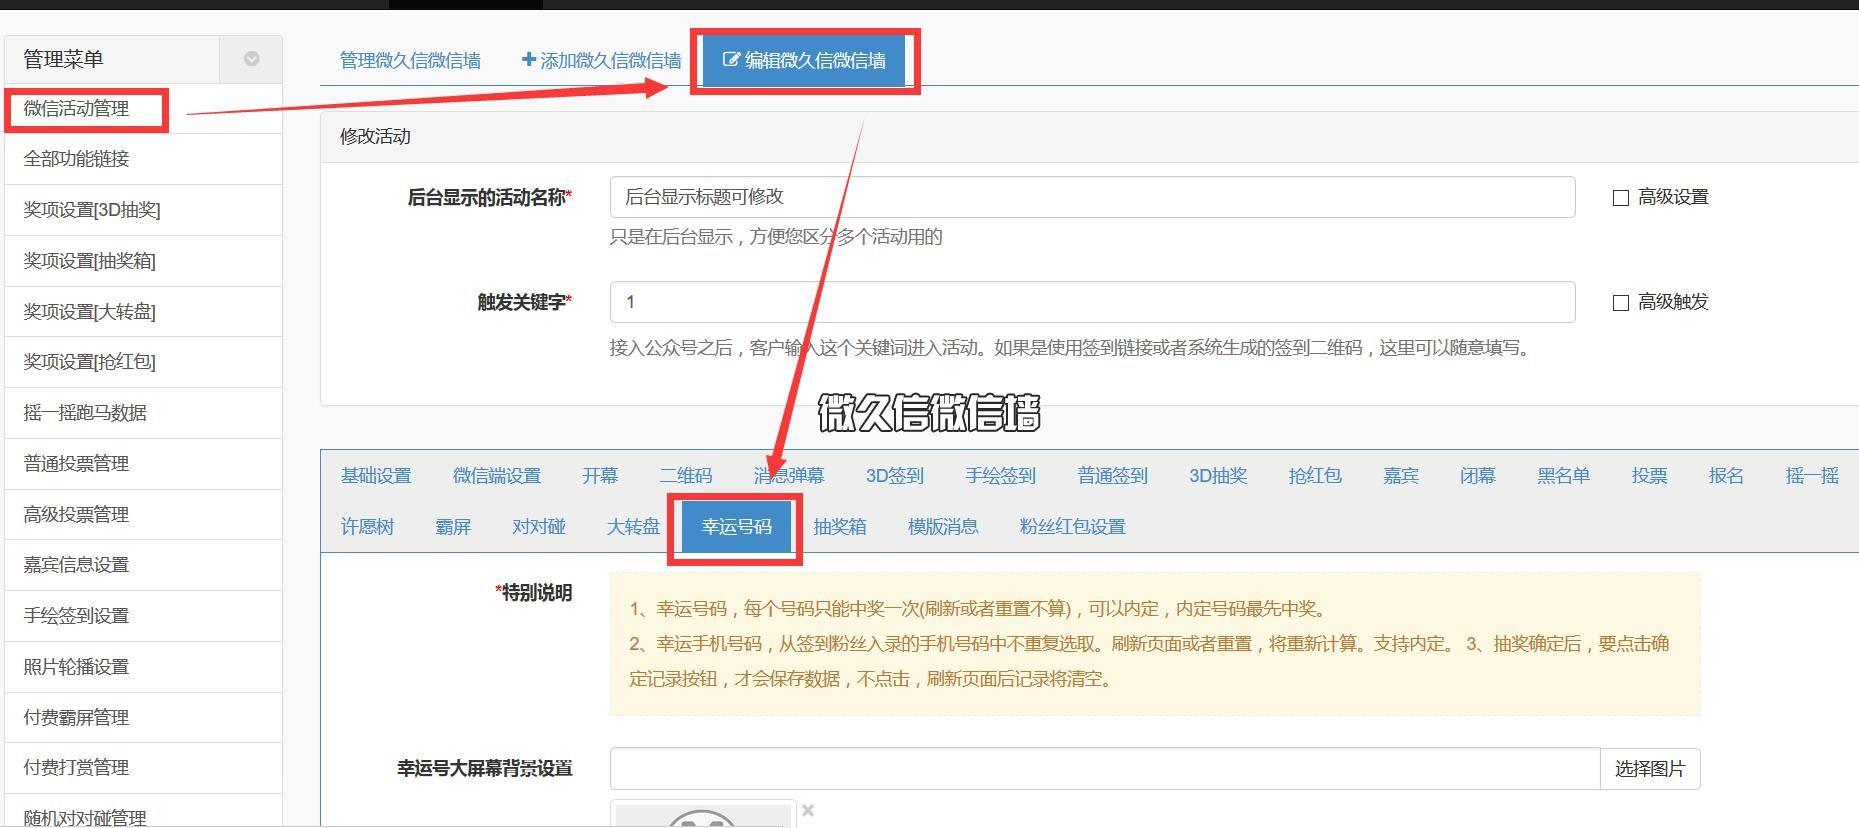 微久信微信墙全新版本教程:抽取幸运号码,摇幸运号(抽取客户签到号、房地产开盘摇号